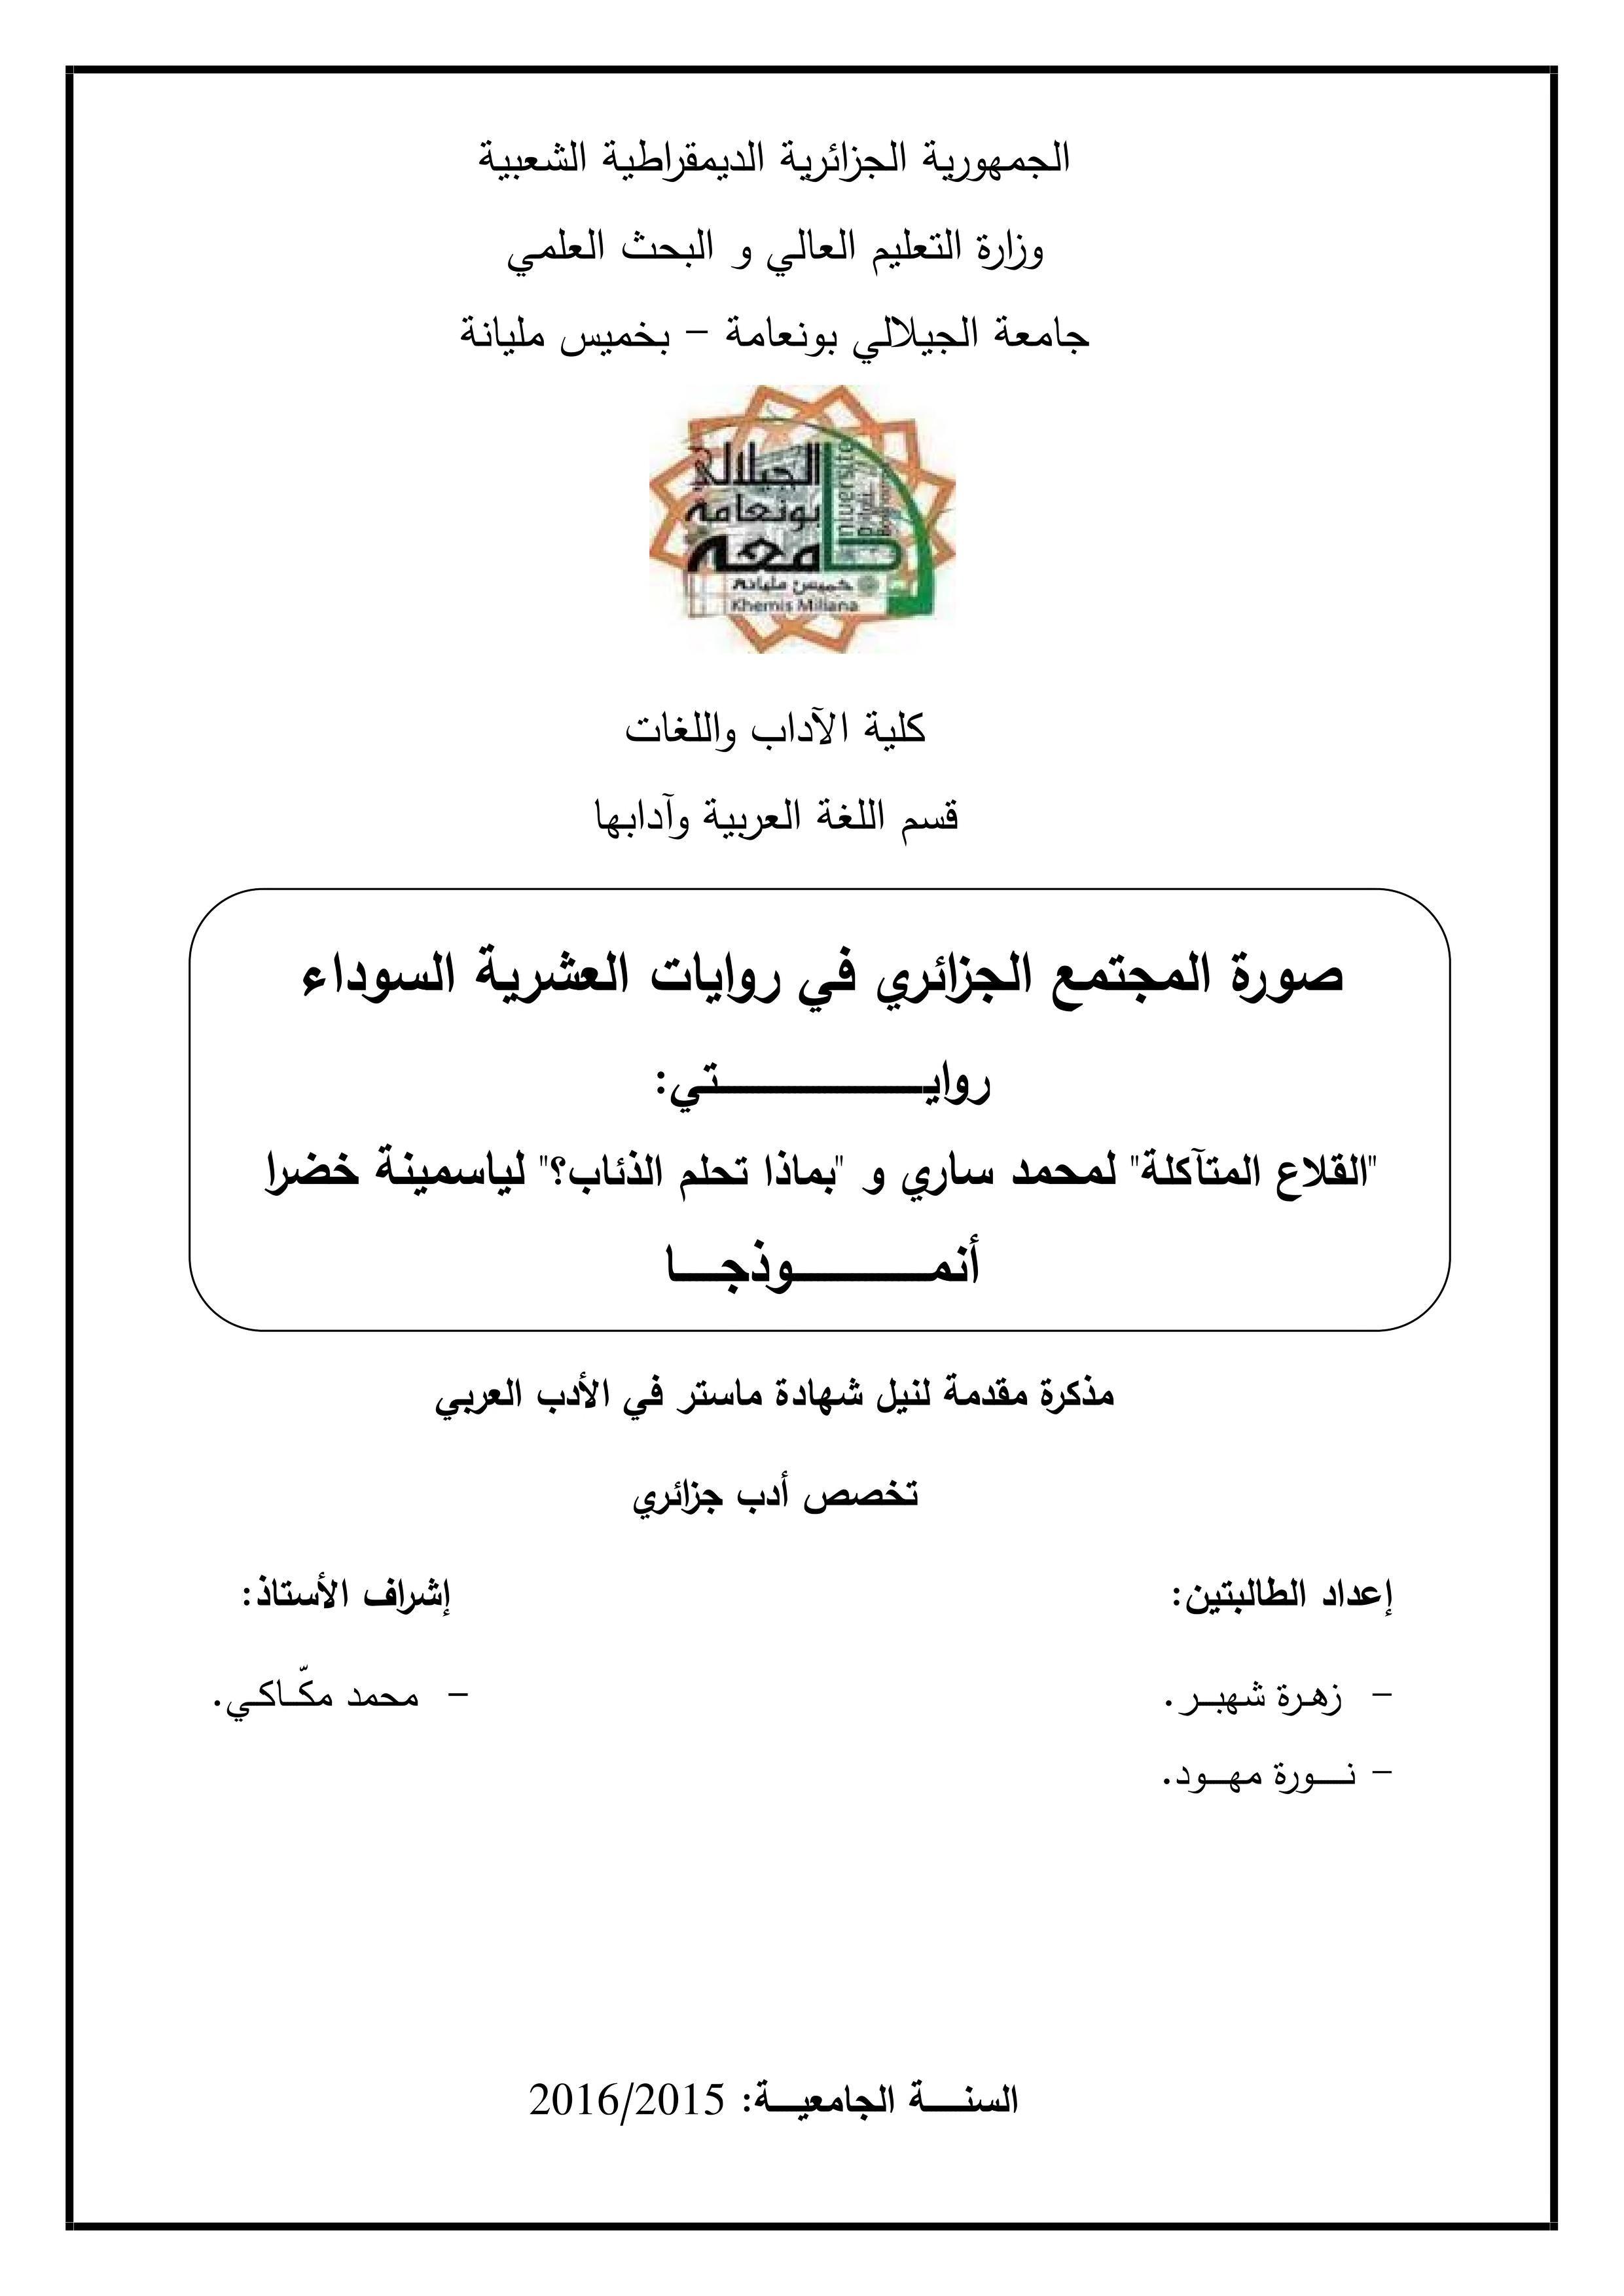 صورة المجتمع الجزائري في روايات العشرية السوداء Free Download Borrow And Streaming Internet Archive My Books Internet Archive Writing